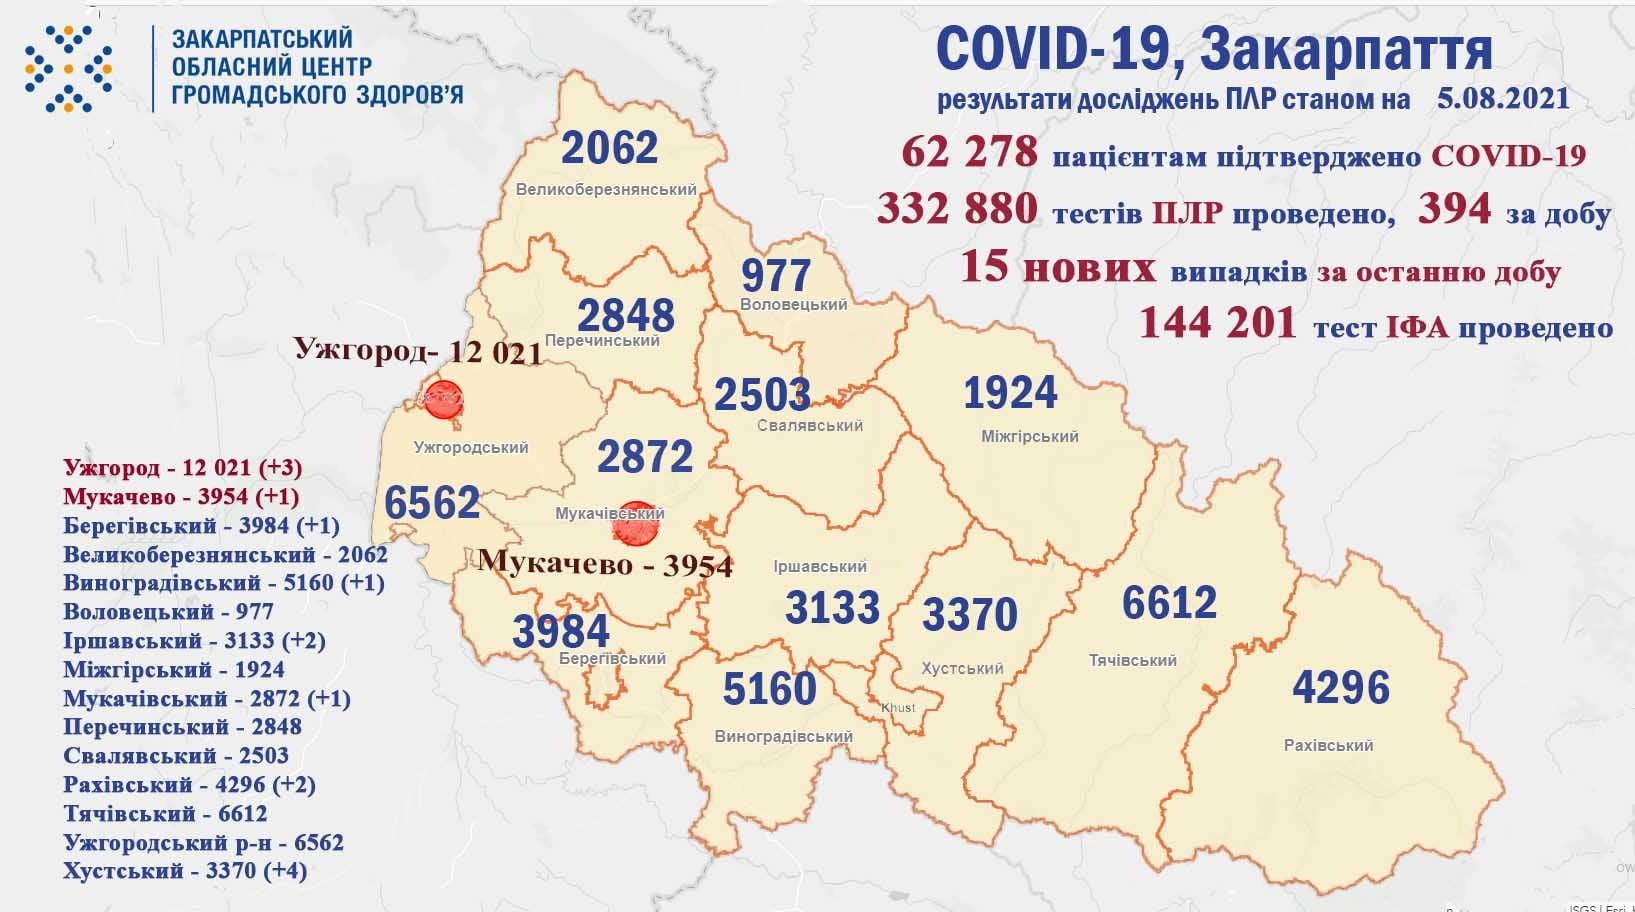 У Закарпатті різко зросла кількість нових хворих на коронавірус